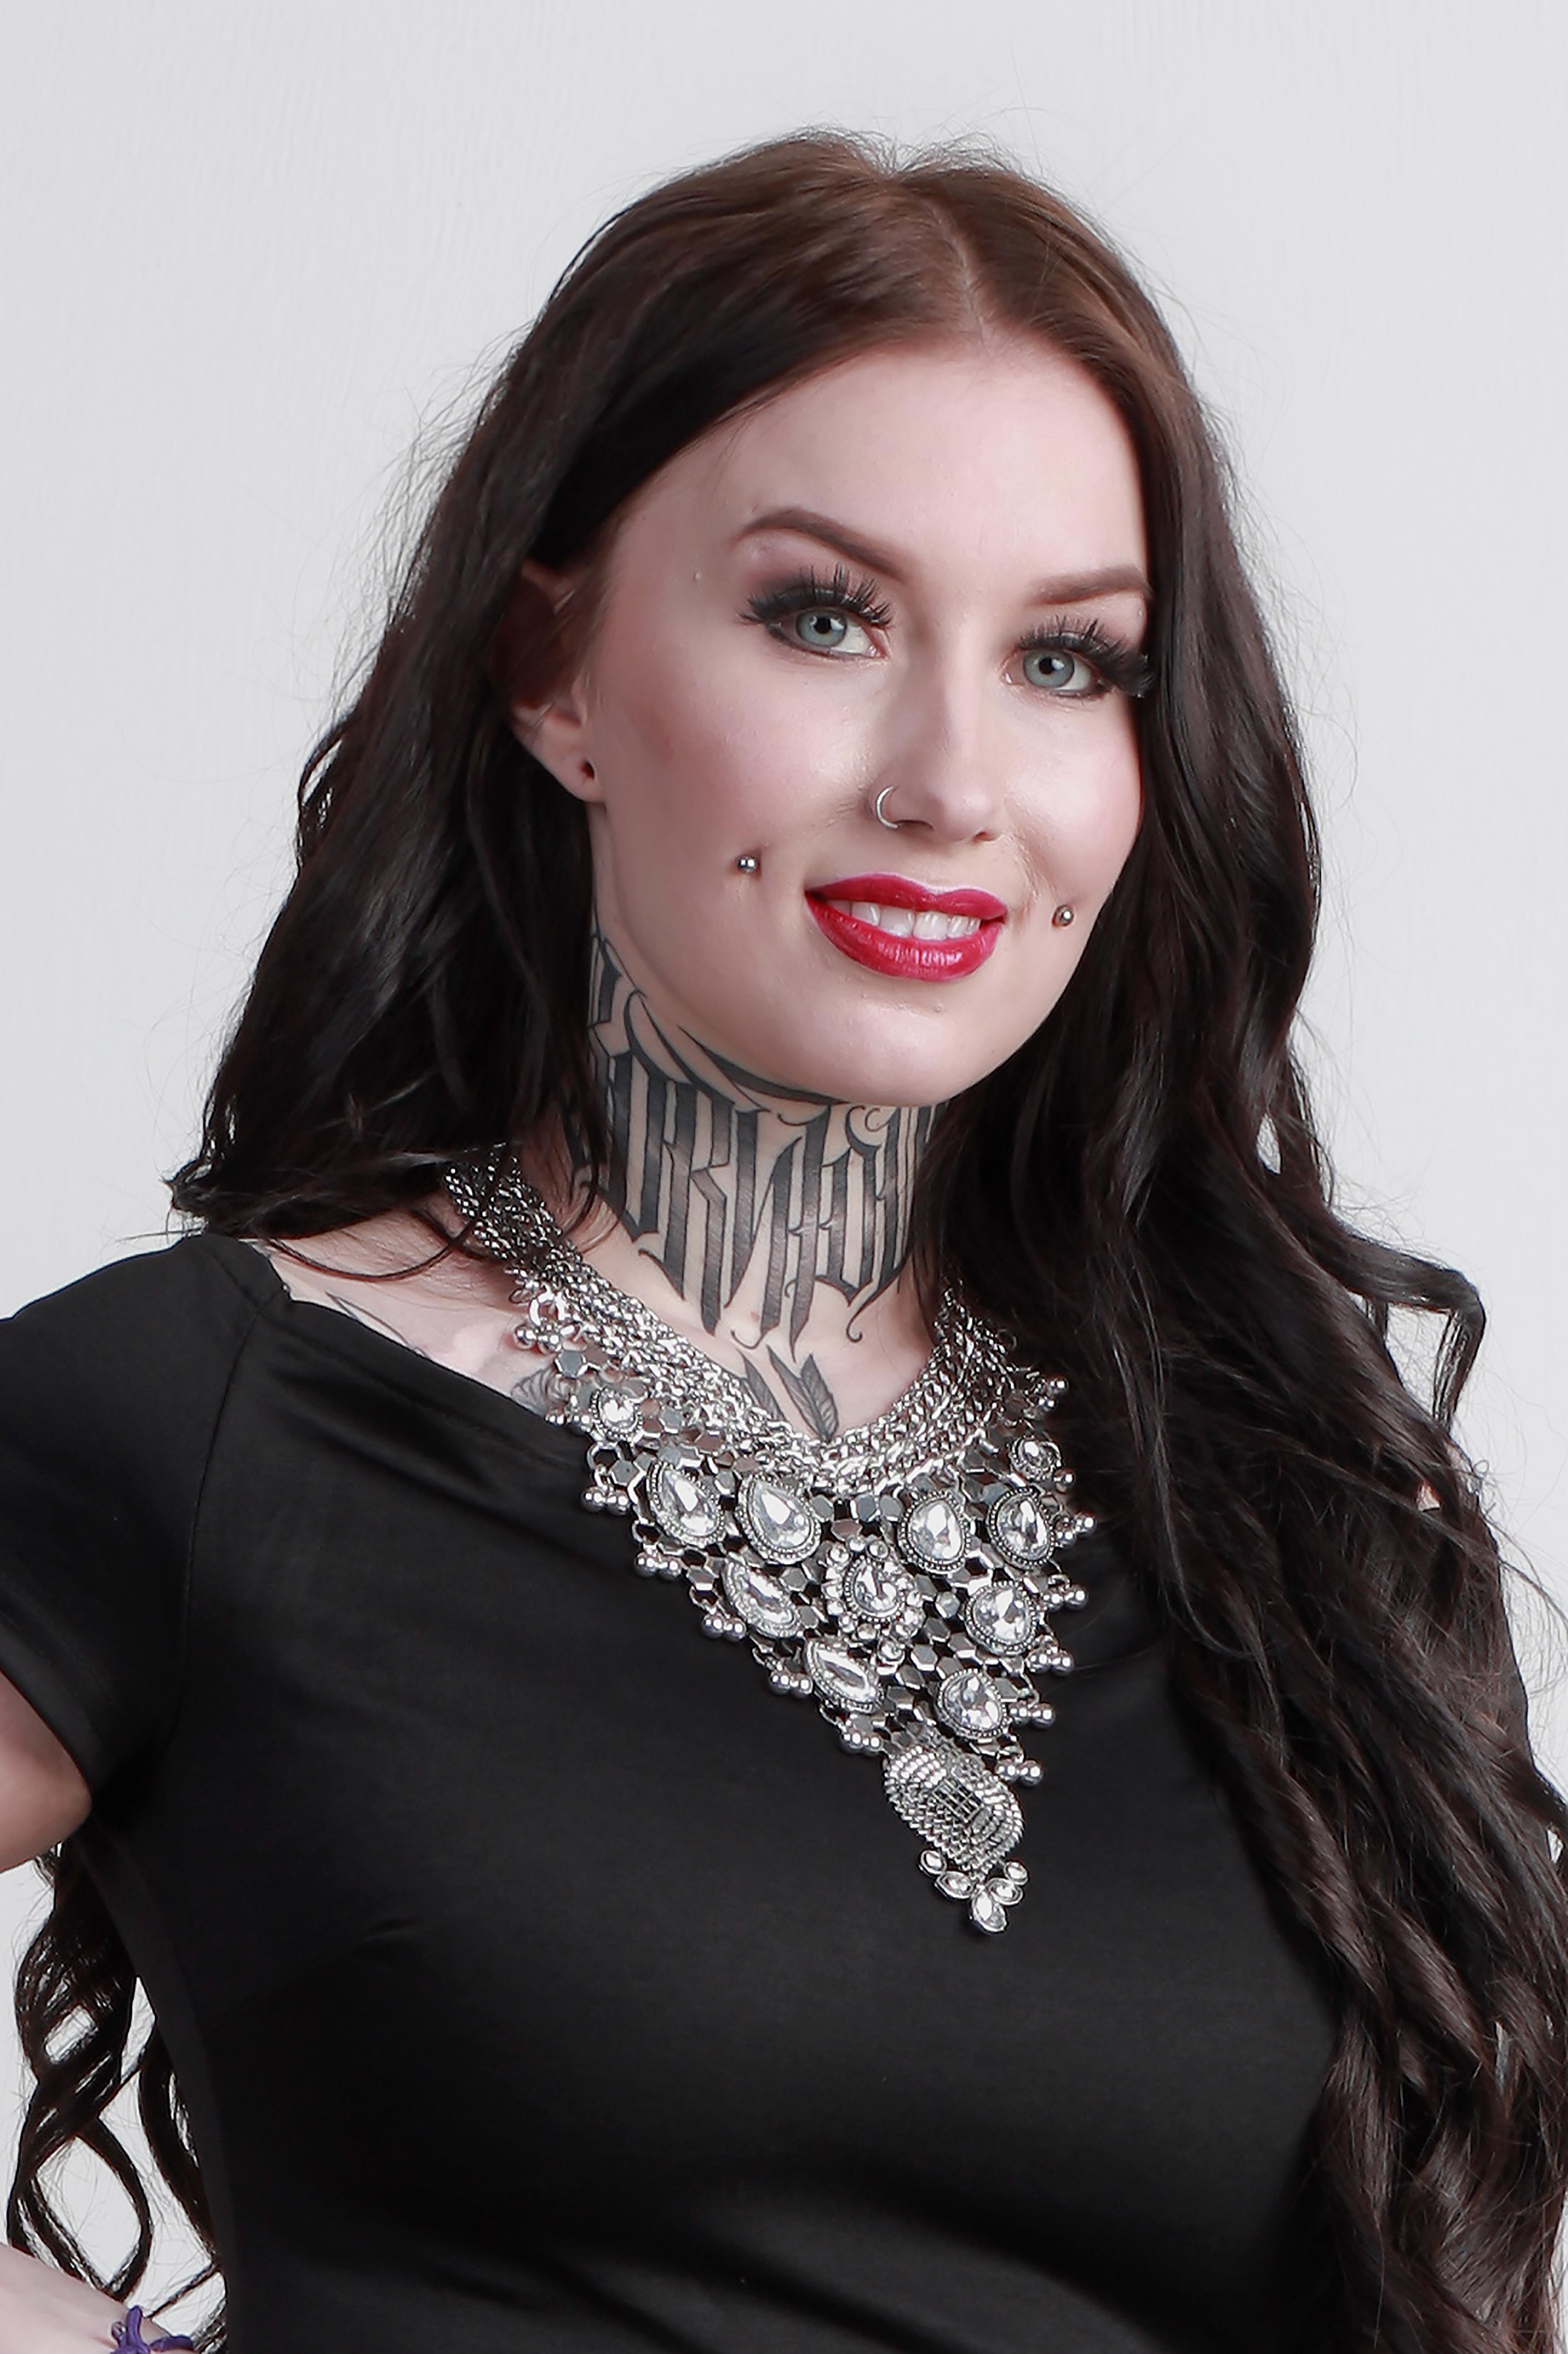 8. Natalie Jämsèn, 23, Vantaa